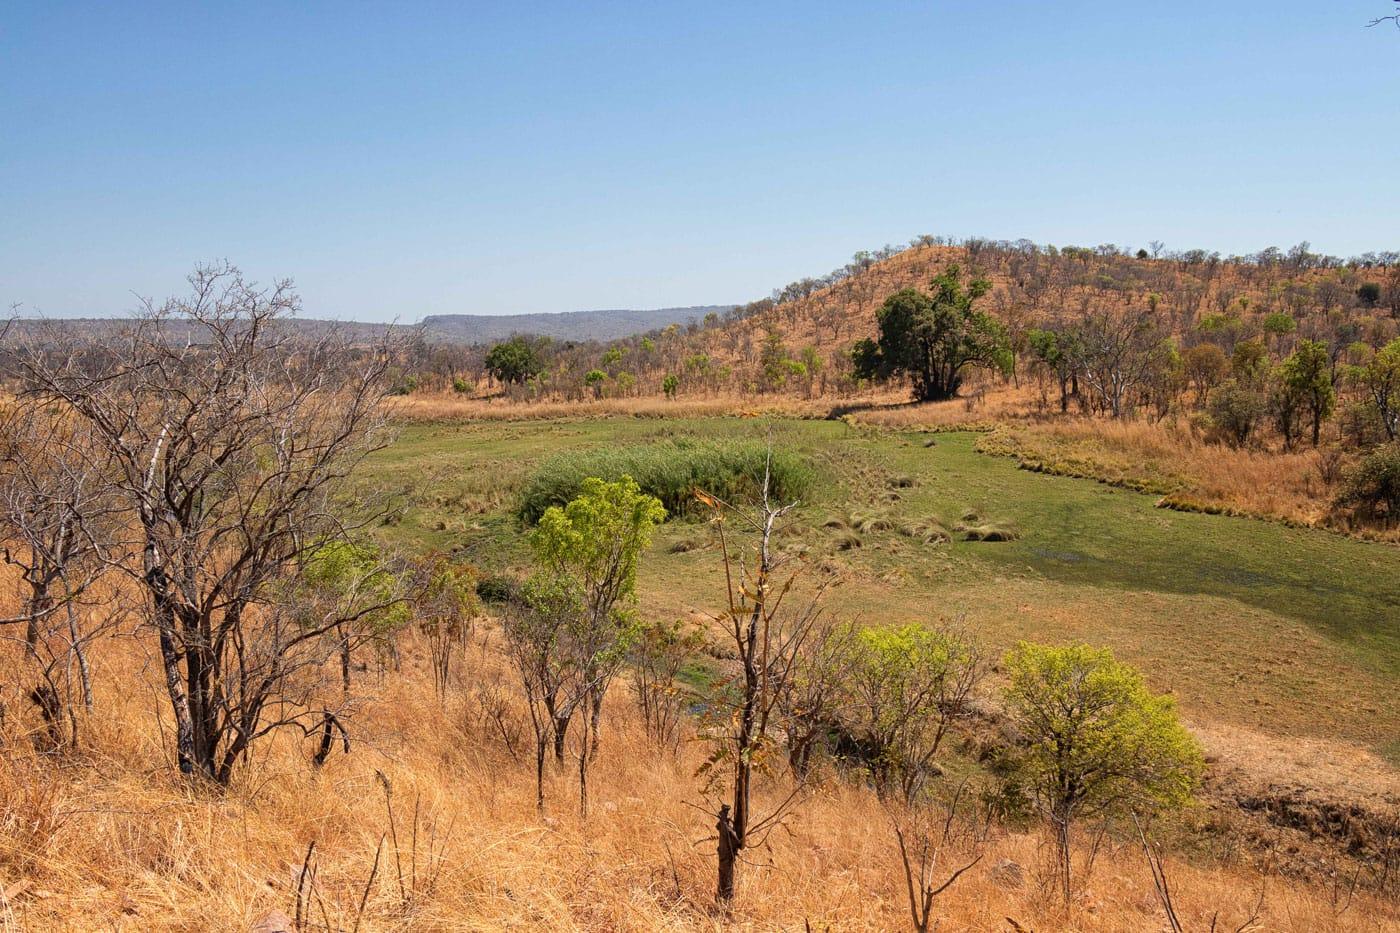 Johann Groenewald - Chizarira National Park - View from Platform Camp